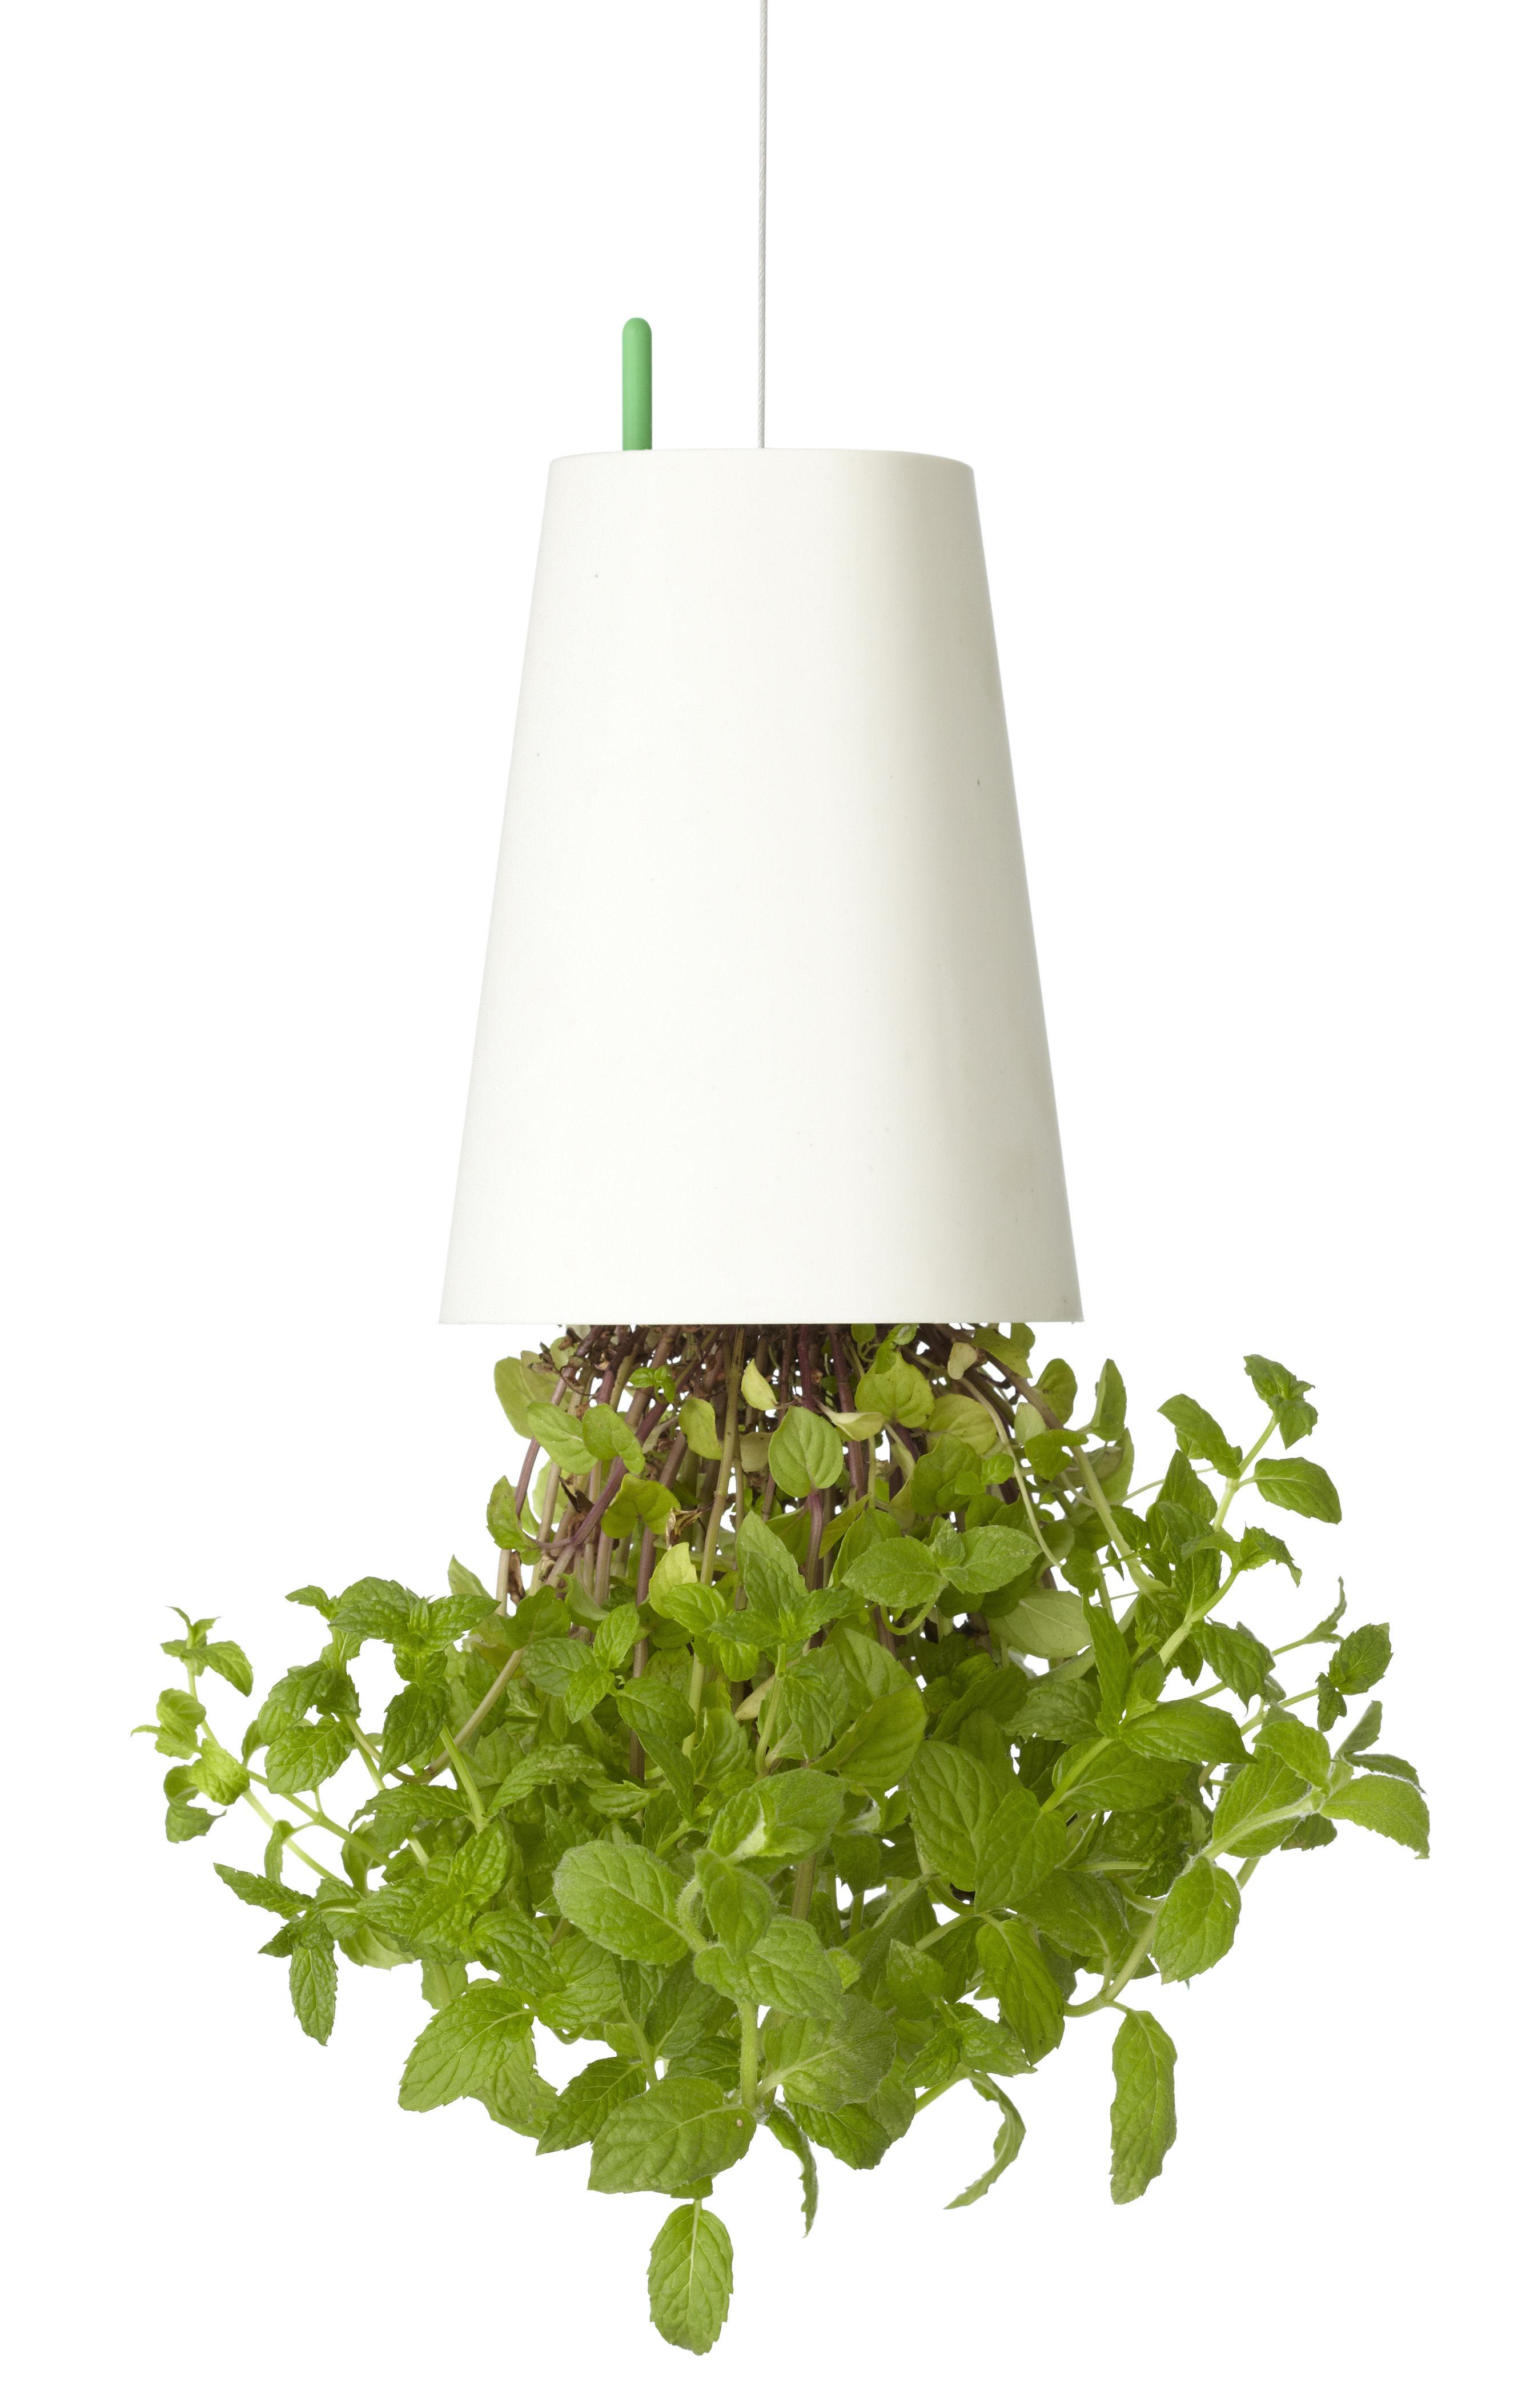 Dekoration - Spaßig und ausgefallen - Sky Small Hänge-Blumenkasten aus recyceltem Polypropylen - Small (H 13 cm) - zum Aufhängen - Boskke - Weiß - Polypropylène recyclé